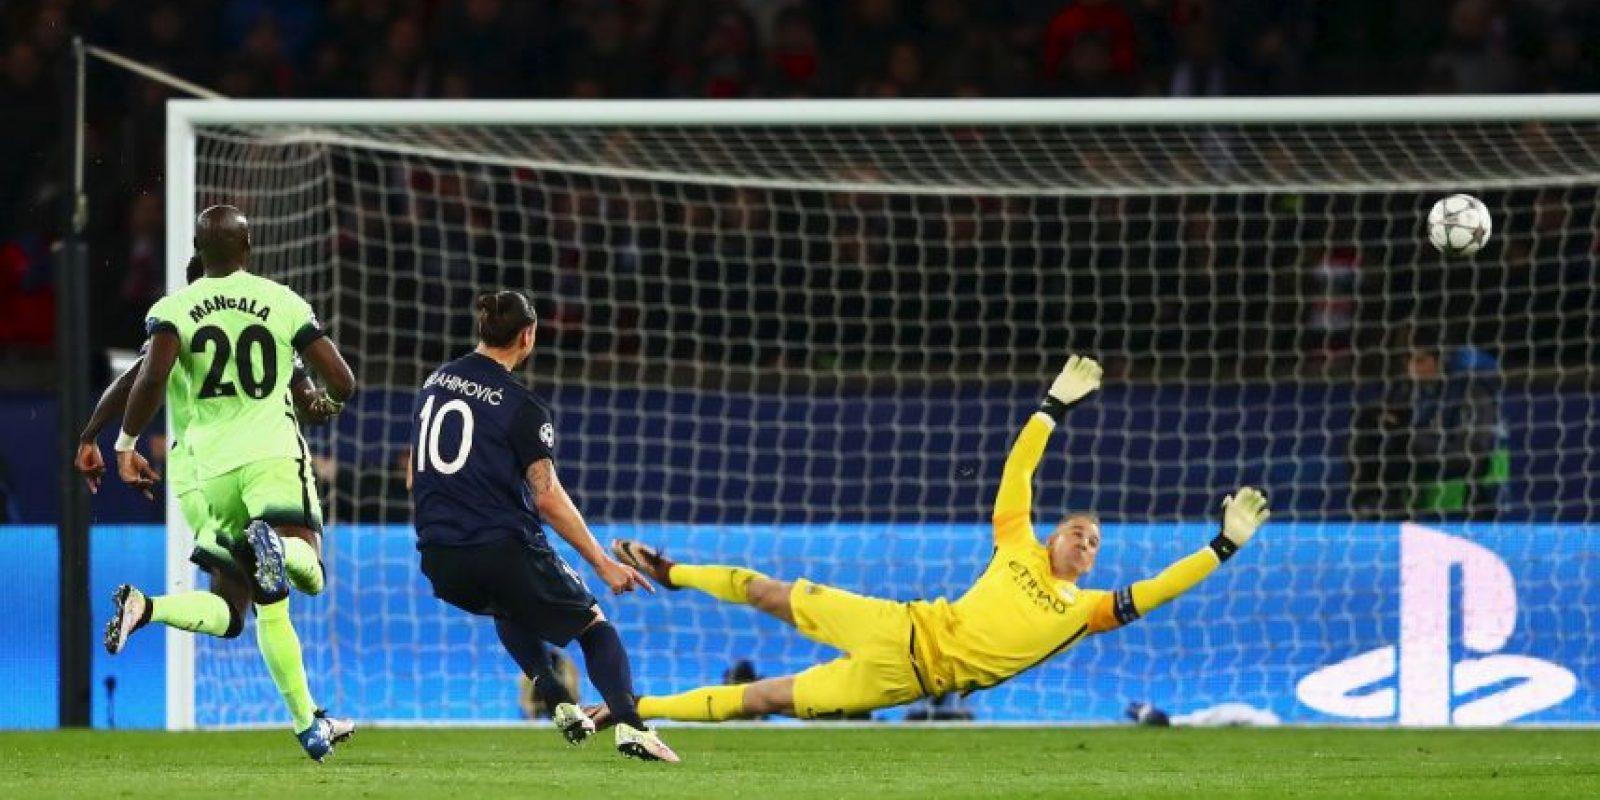 No era un buen partido para Ibrahimovic Foto:Getty Images